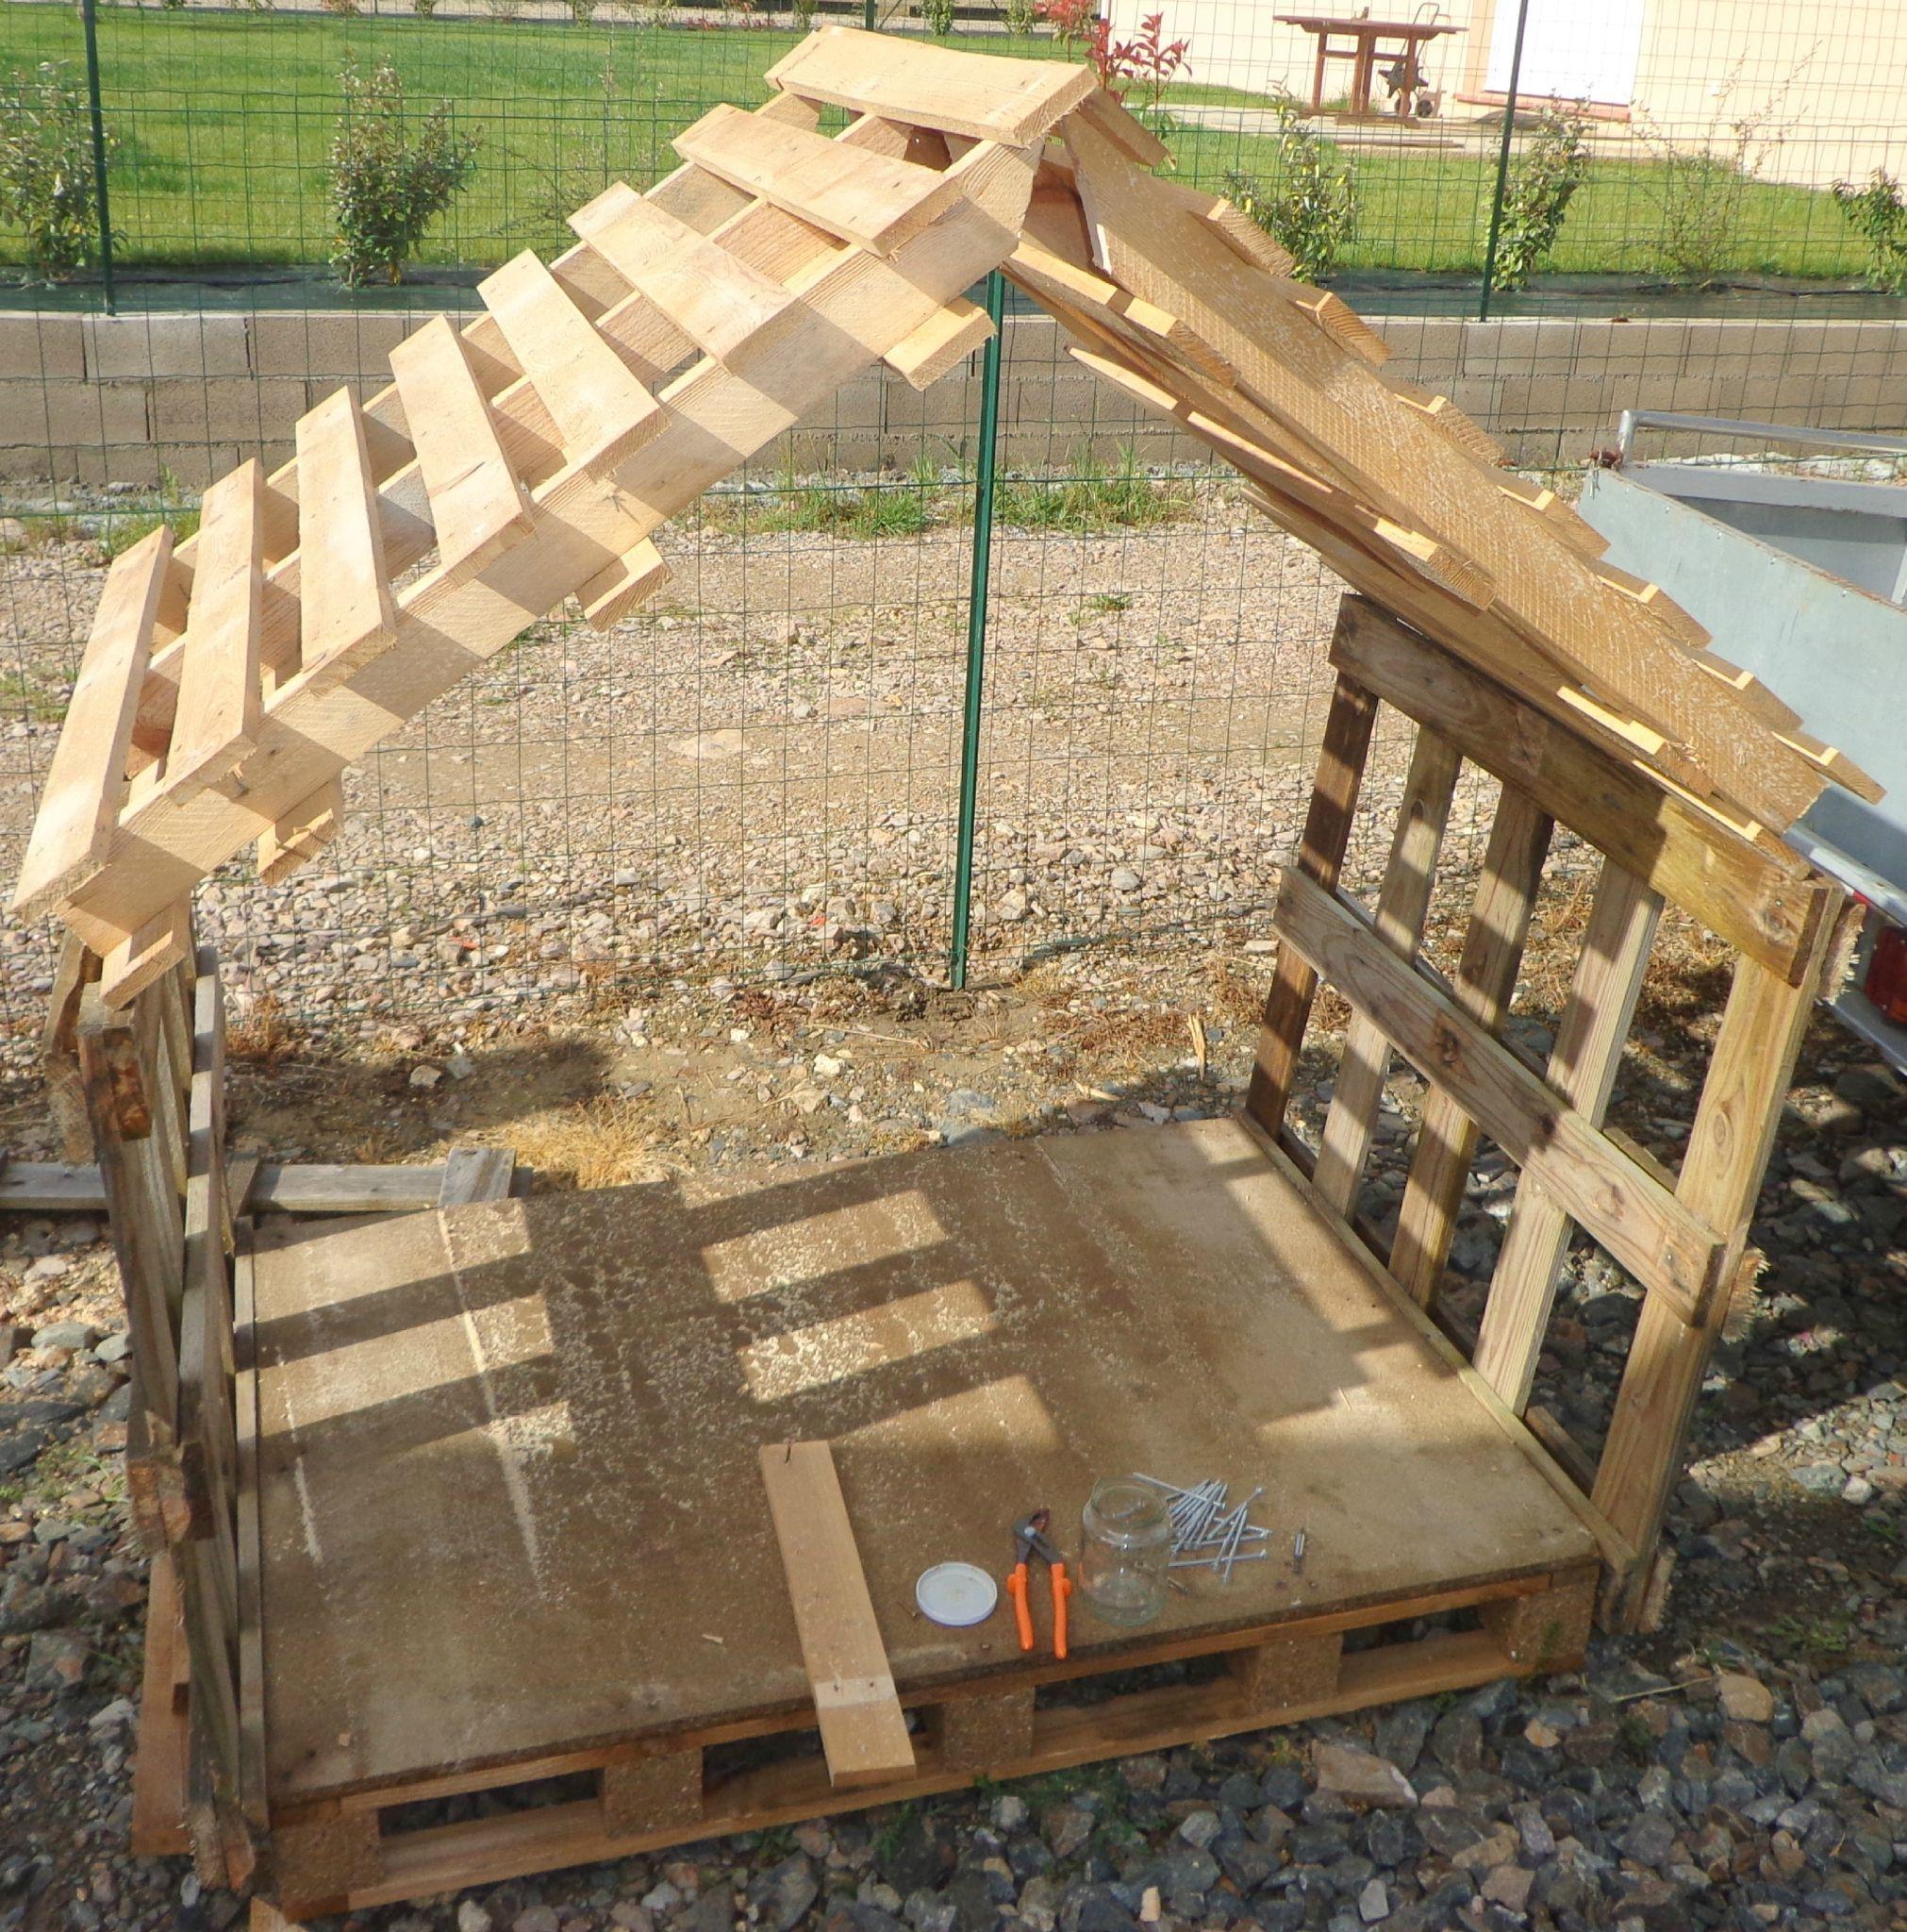 Construire Un Abri De Jardin En Bois Pas Cher, Comment Faire ... à Fabriquer Une Cabane De Jardin